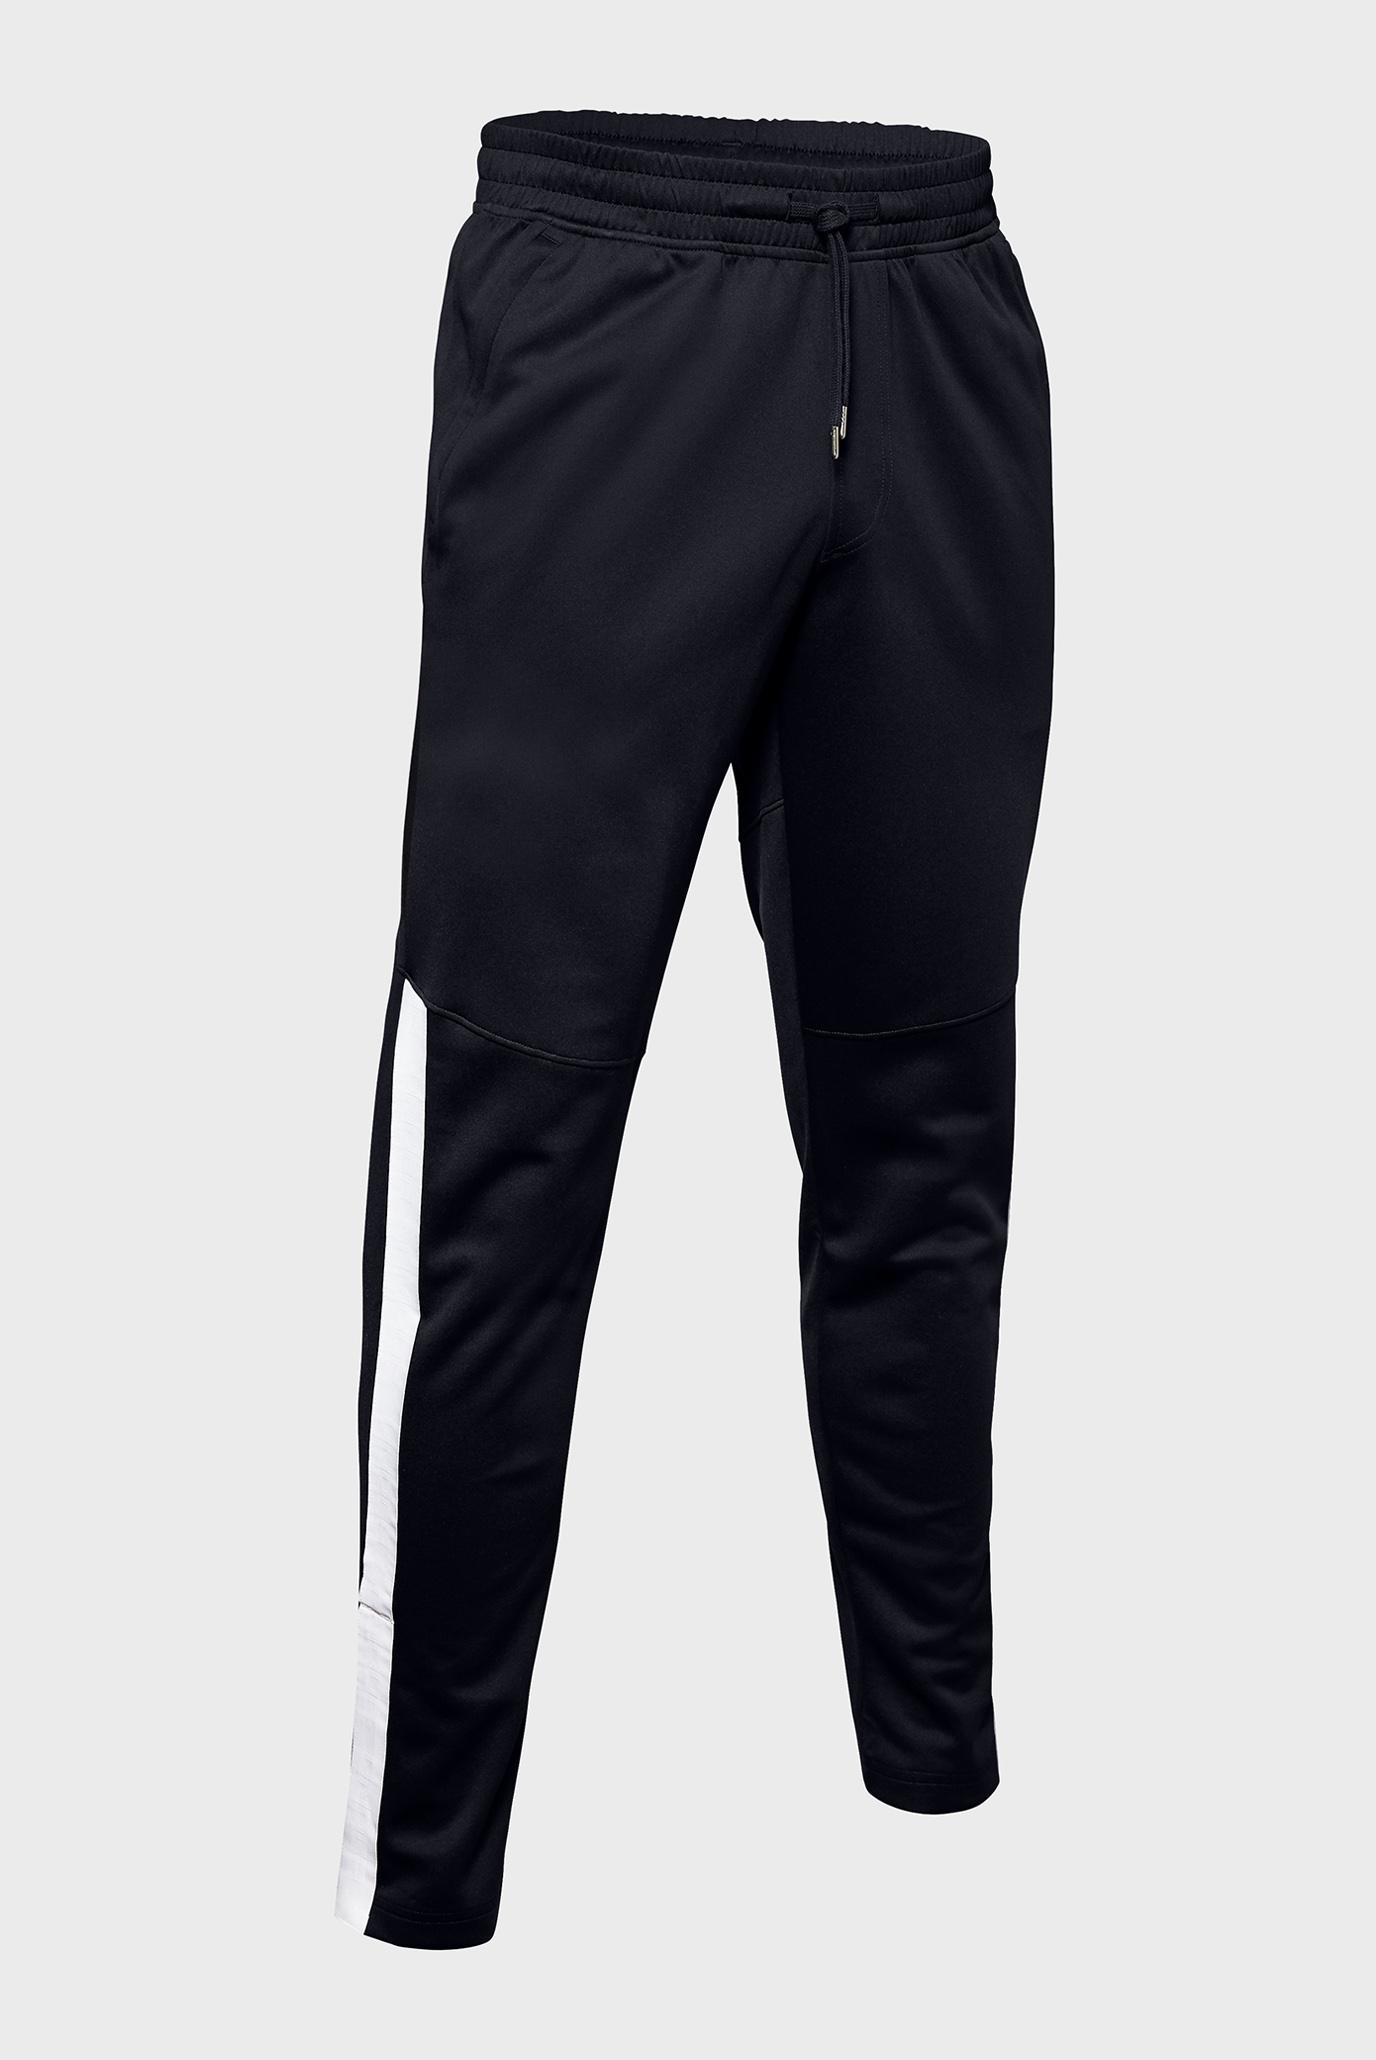 Мужские черные спортивные брюки Athlete Recovery Knit Warm Up Bottom Under Armour